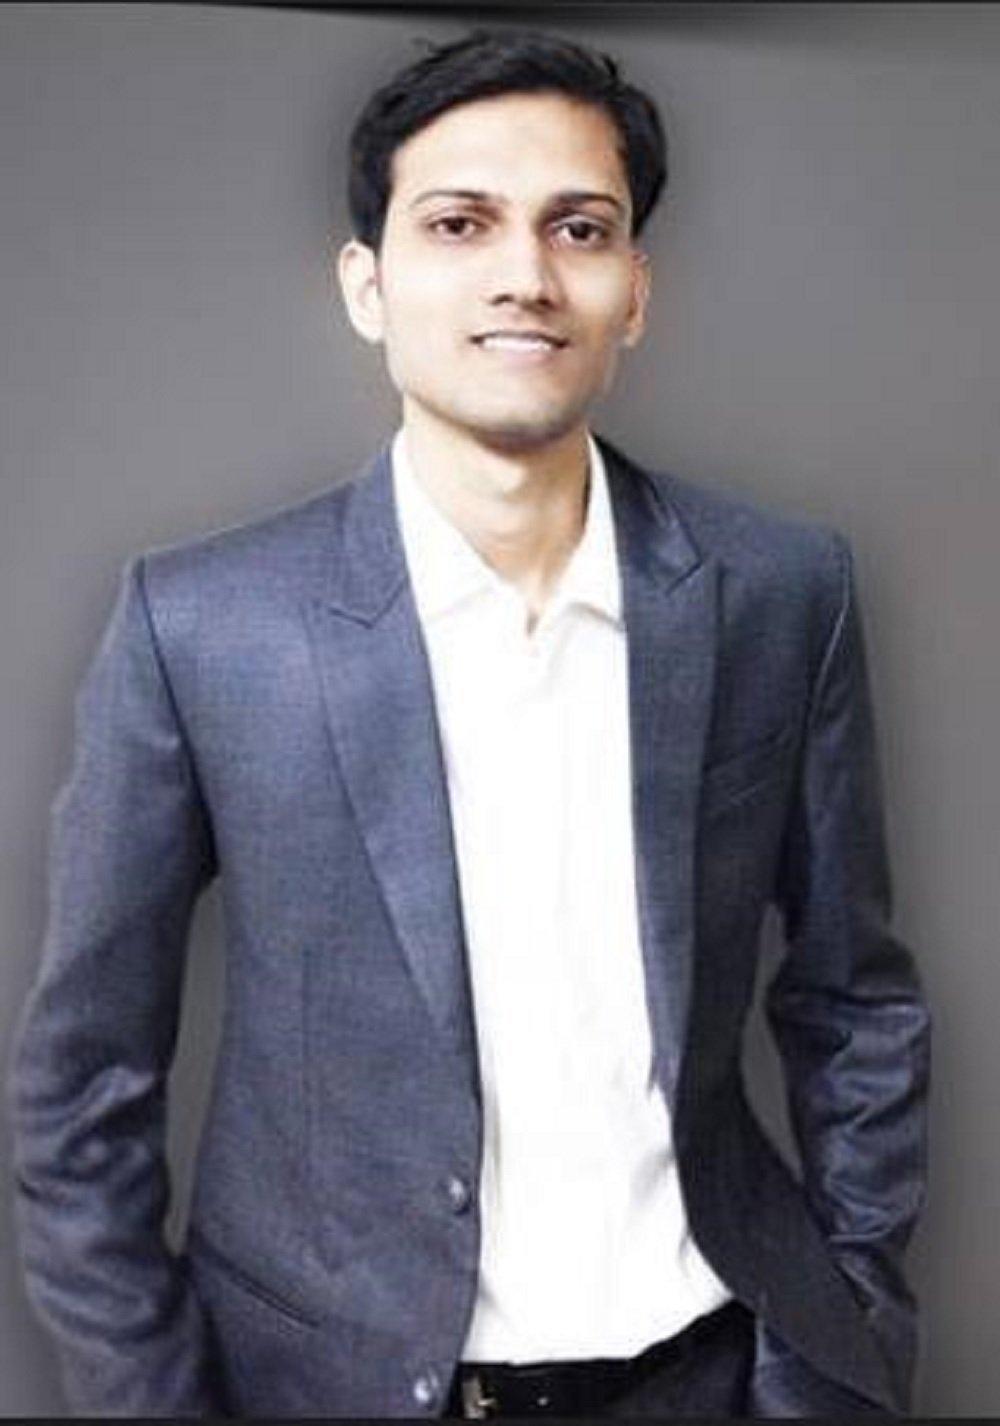 Rizwan Shaikh